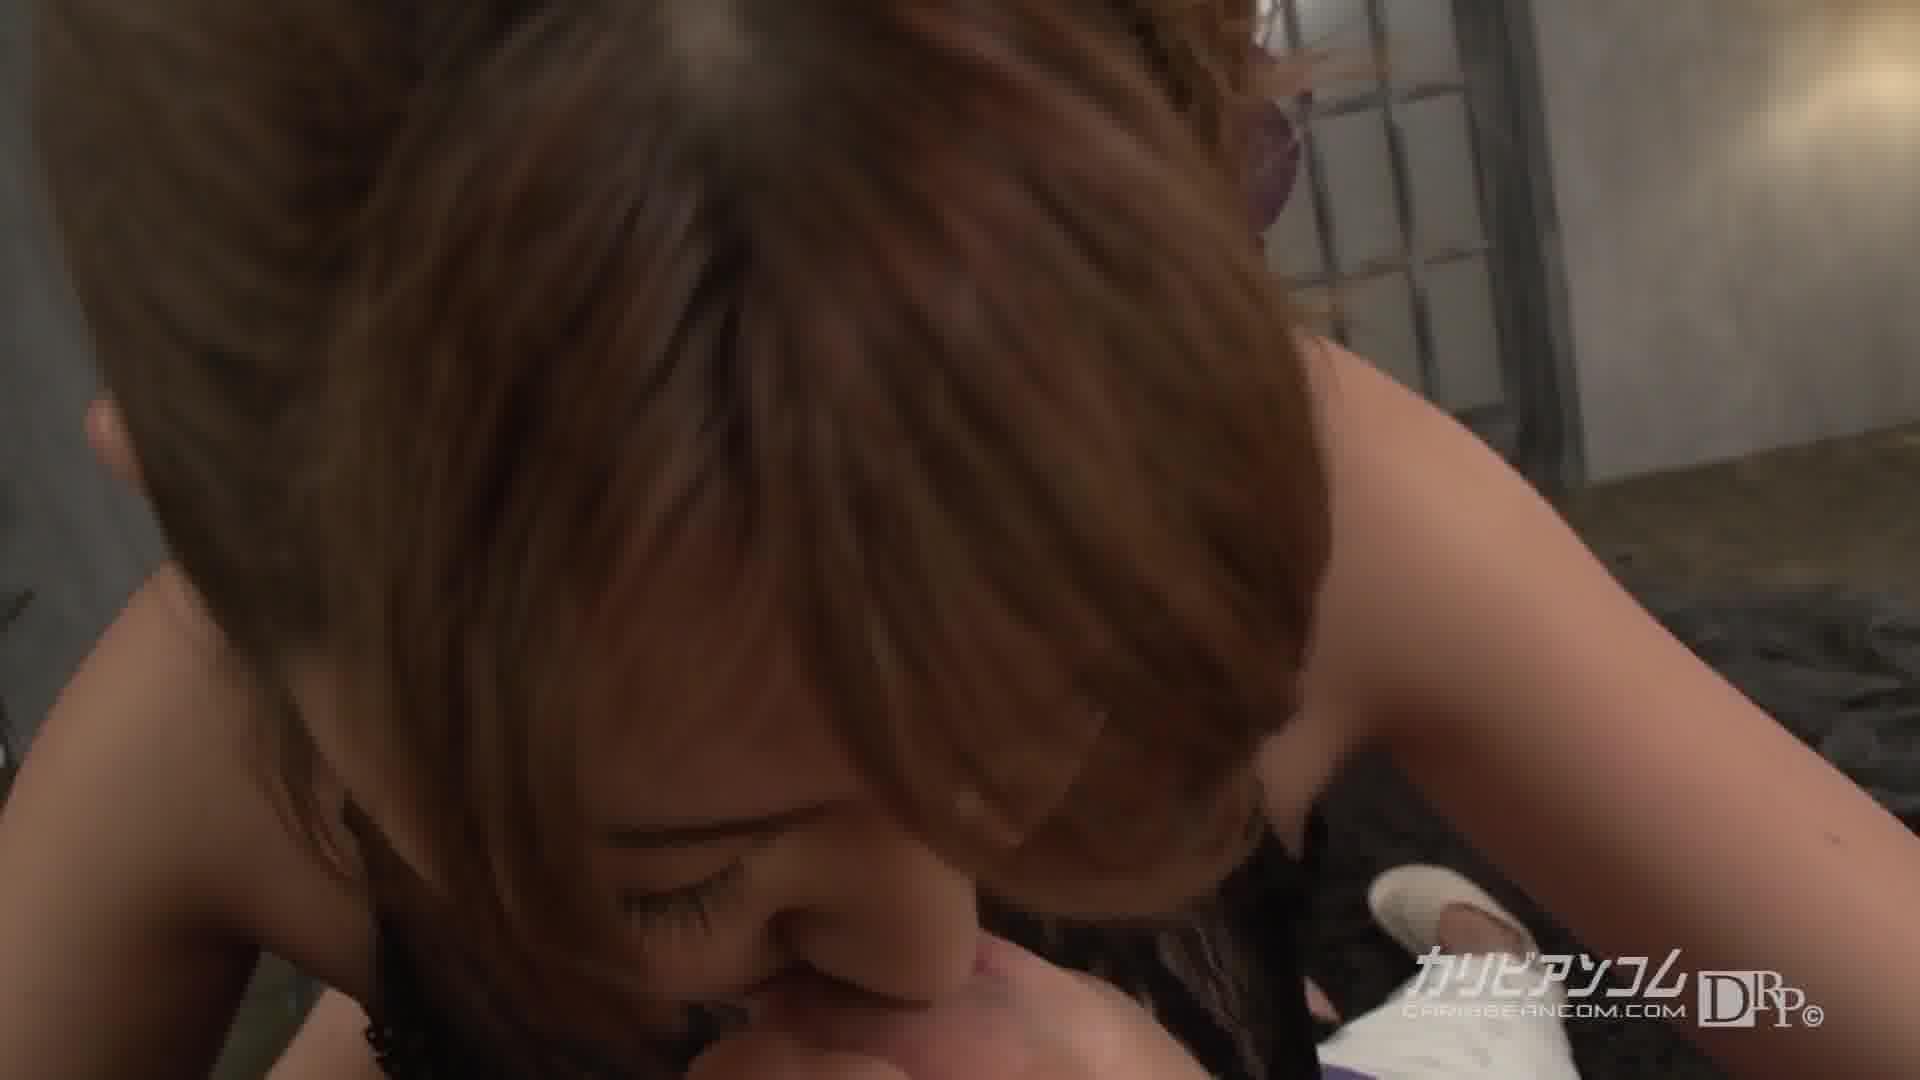 極上泡姫物語 Vol.22 - 松永ちえり【巨乳・パイズリ・イラマチオ】